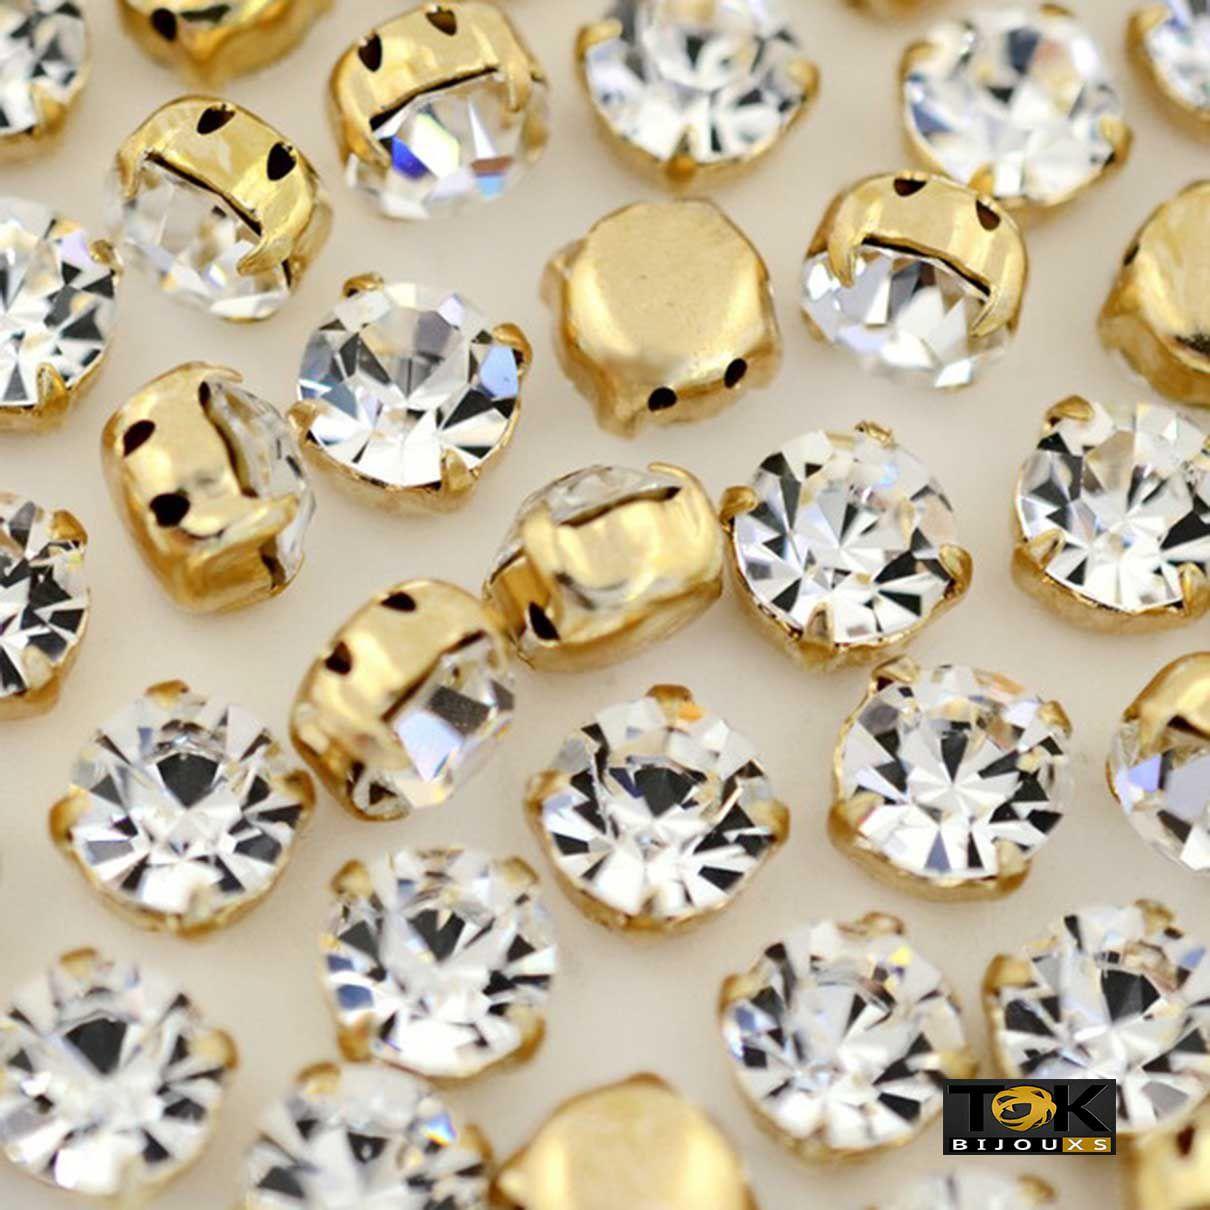 Atacado - Strass Costura - Dourado Cristal - SS12 / 3mm - 1.440Un